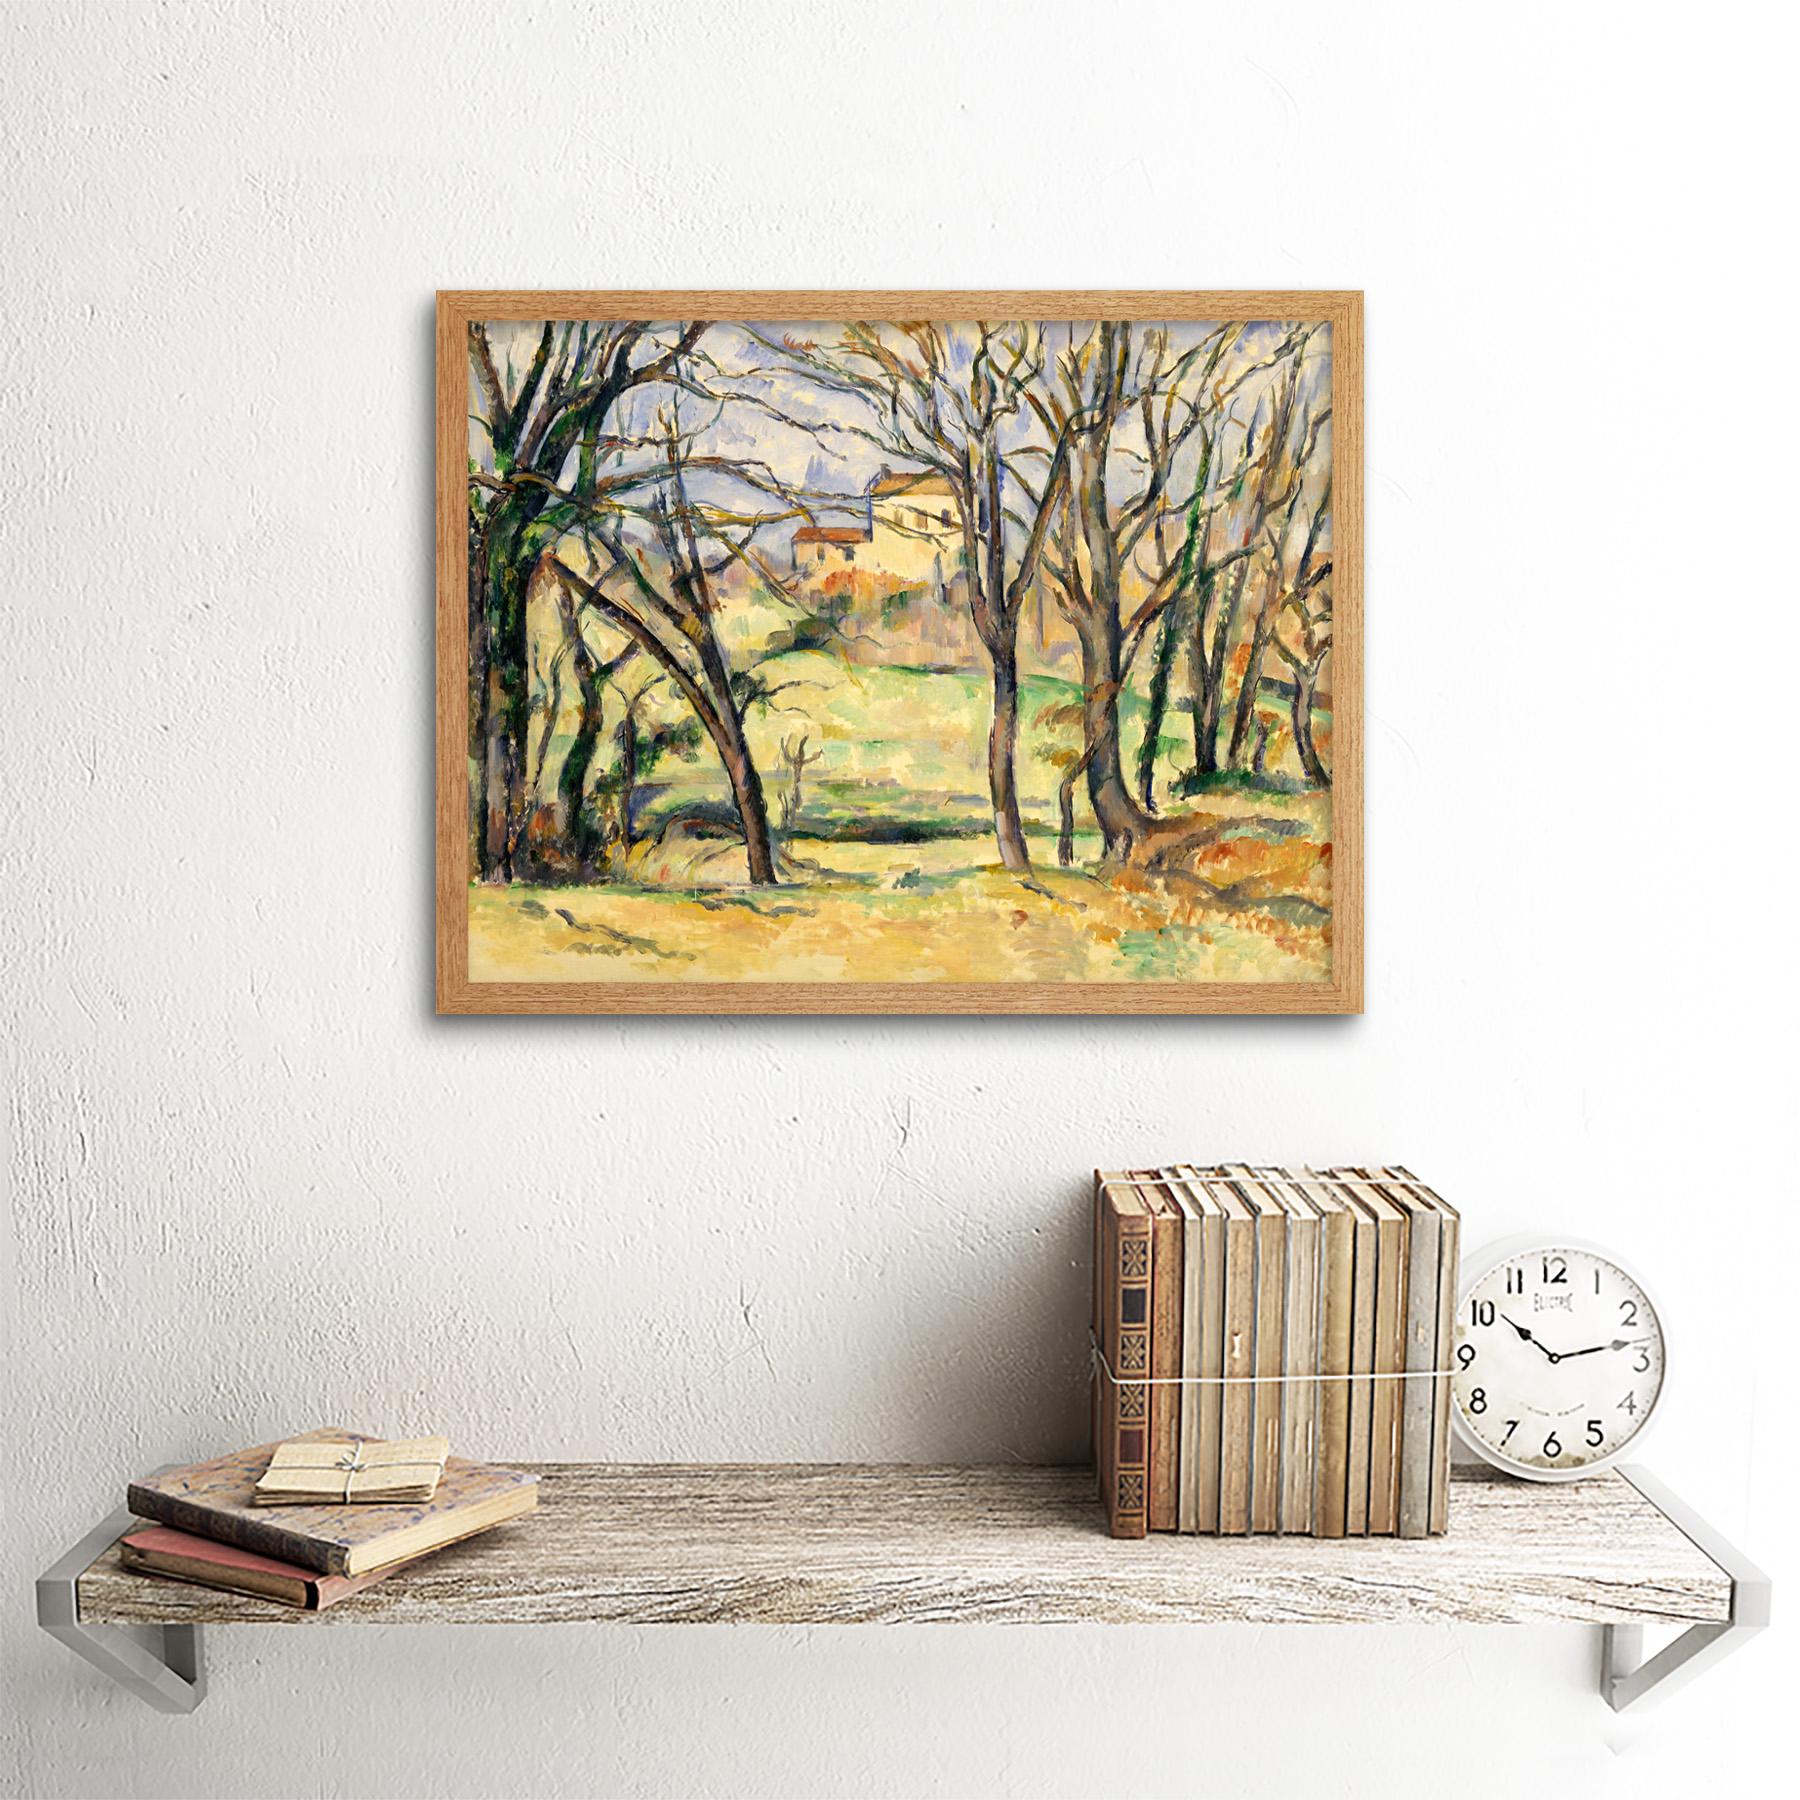 Cezanne-Trees-Houses-Near-Jas-De-Bouffan-Painting-Wall-Art-Print-Framed-12x16 miniatuur 15